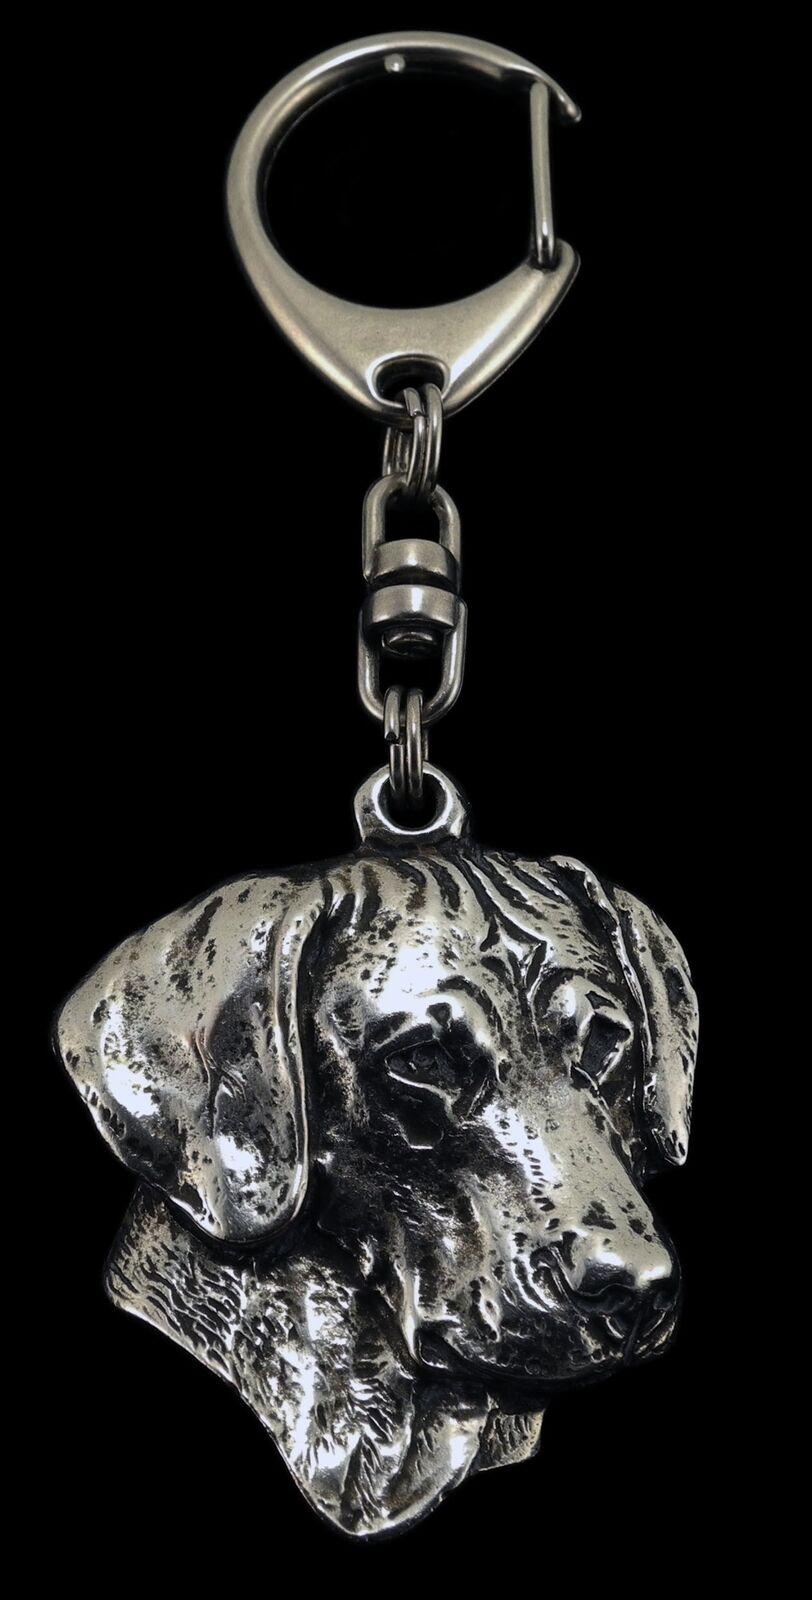 Rhodesian Ridgeback - set d'un chien bijoux dans dans dans une boîte schwarze Art Dog FR 5cc46c